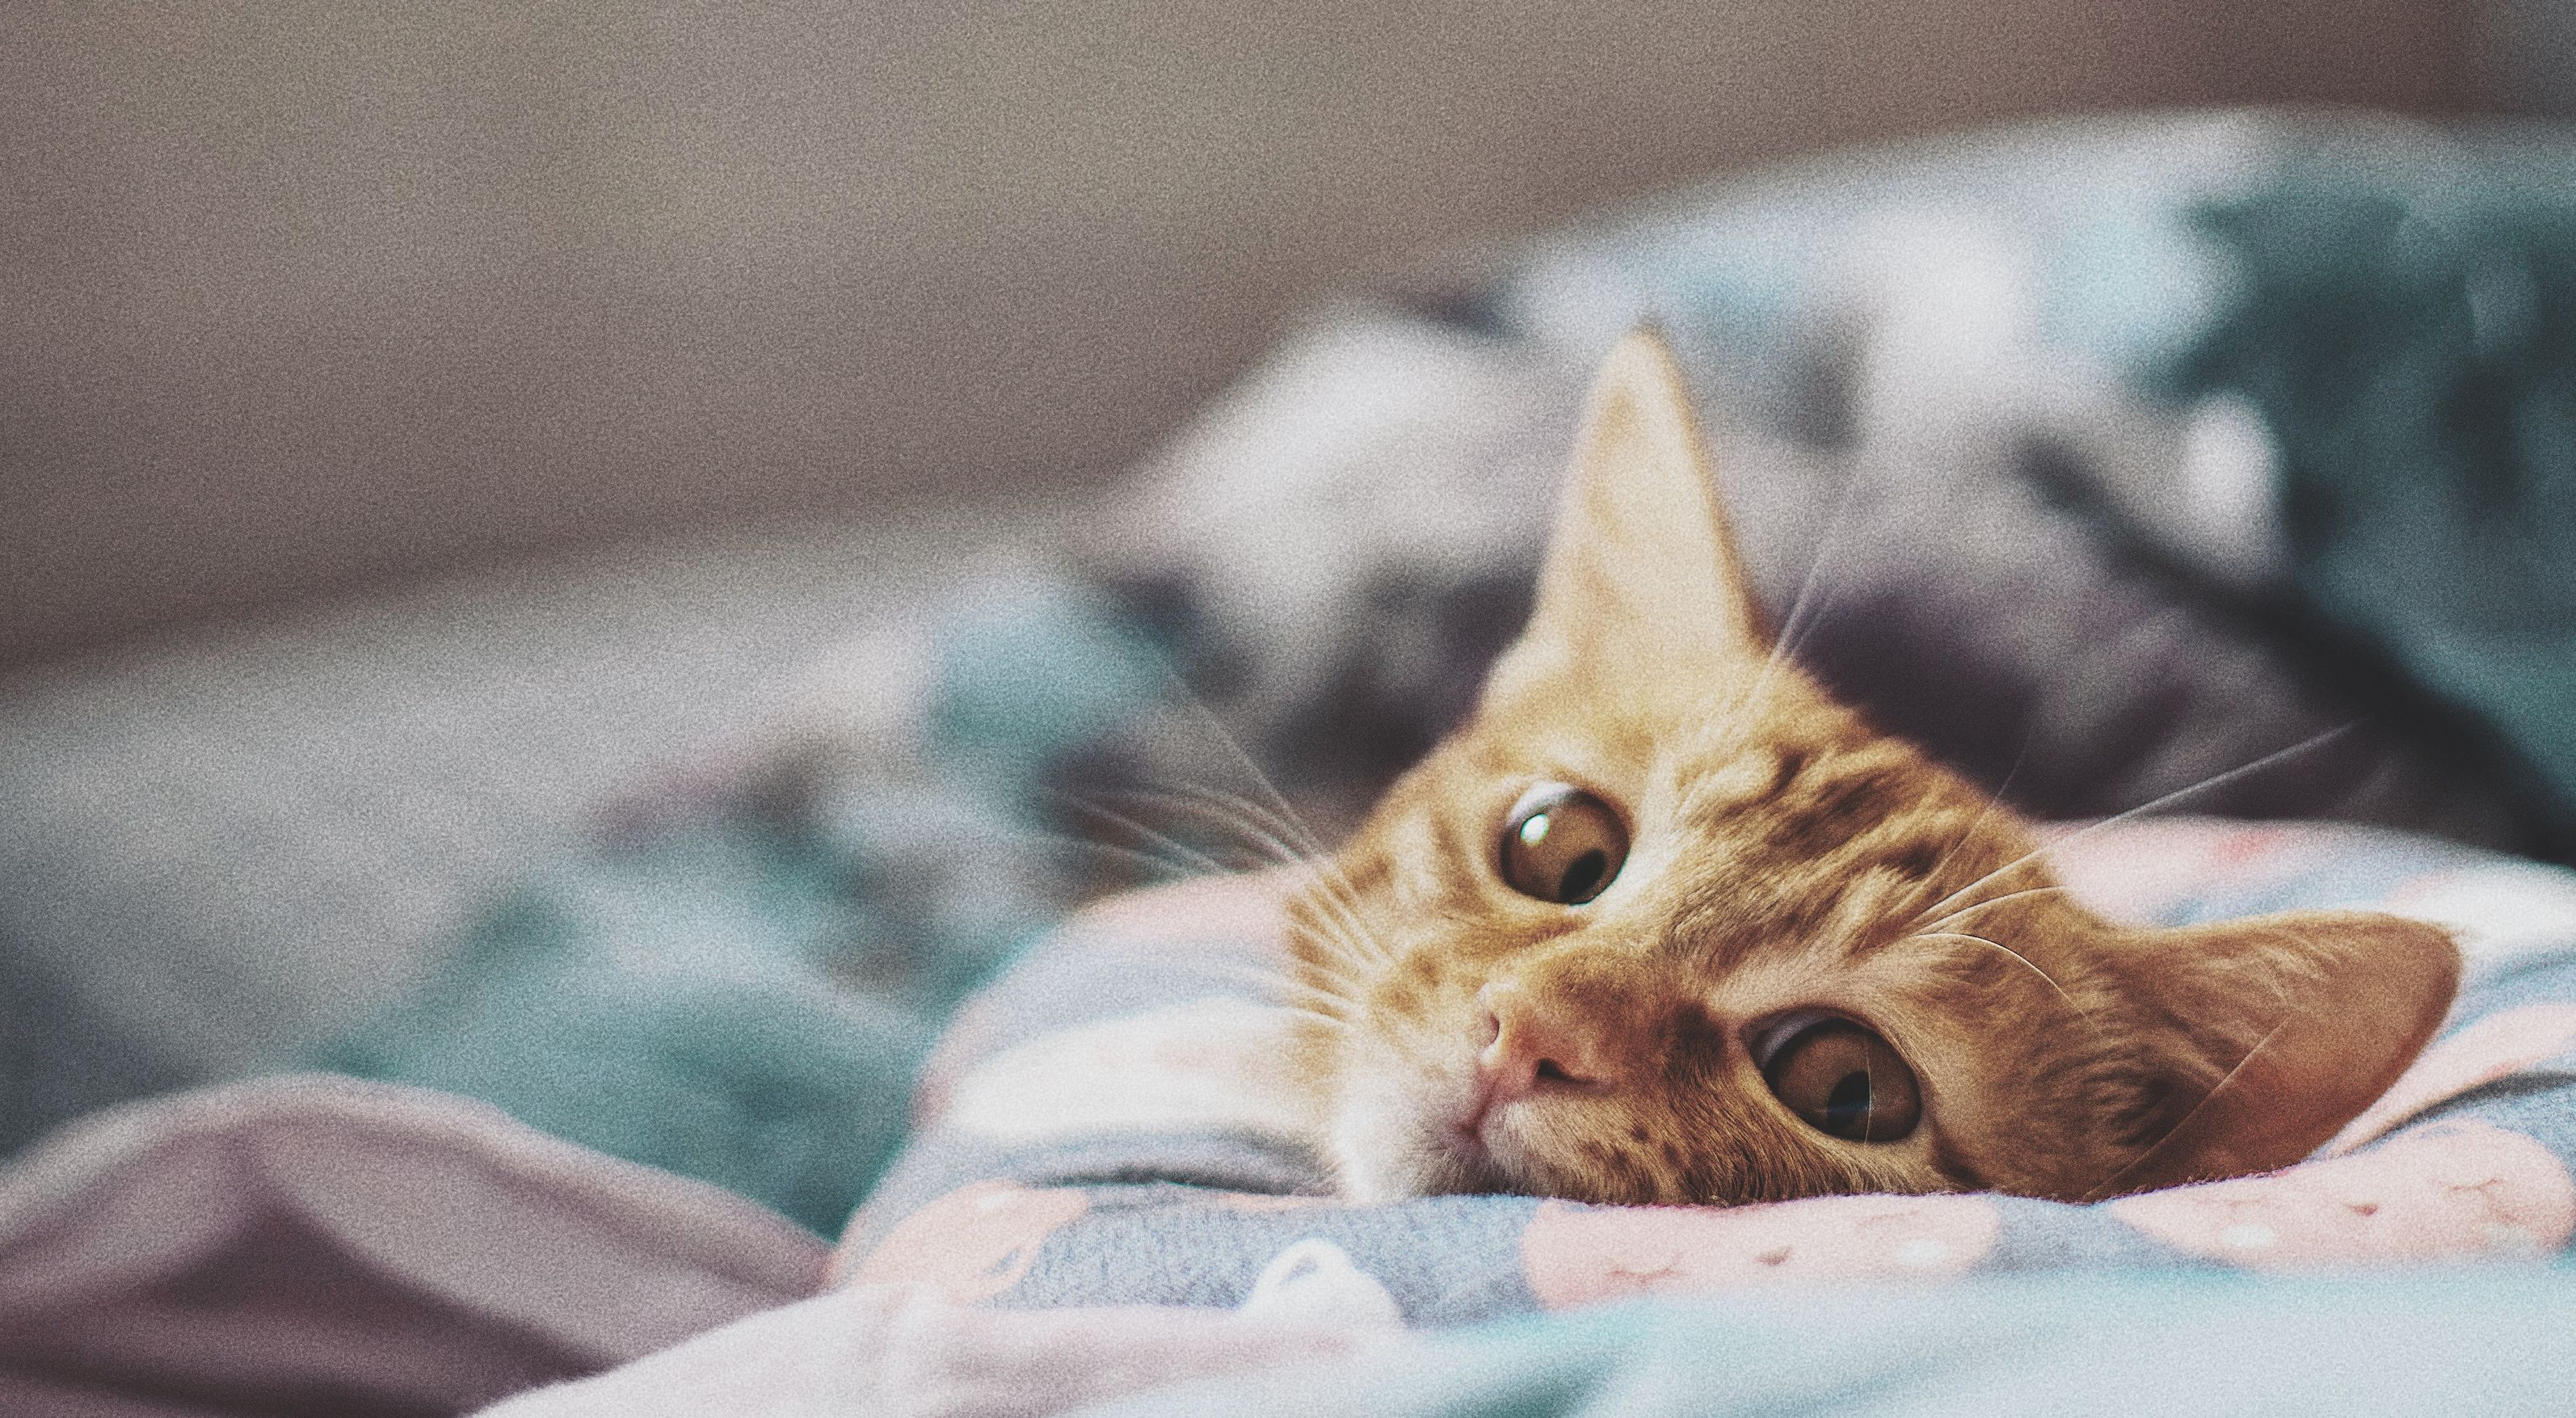 Злобные, летающие и осенние: лучшие мемы про котов за неделю